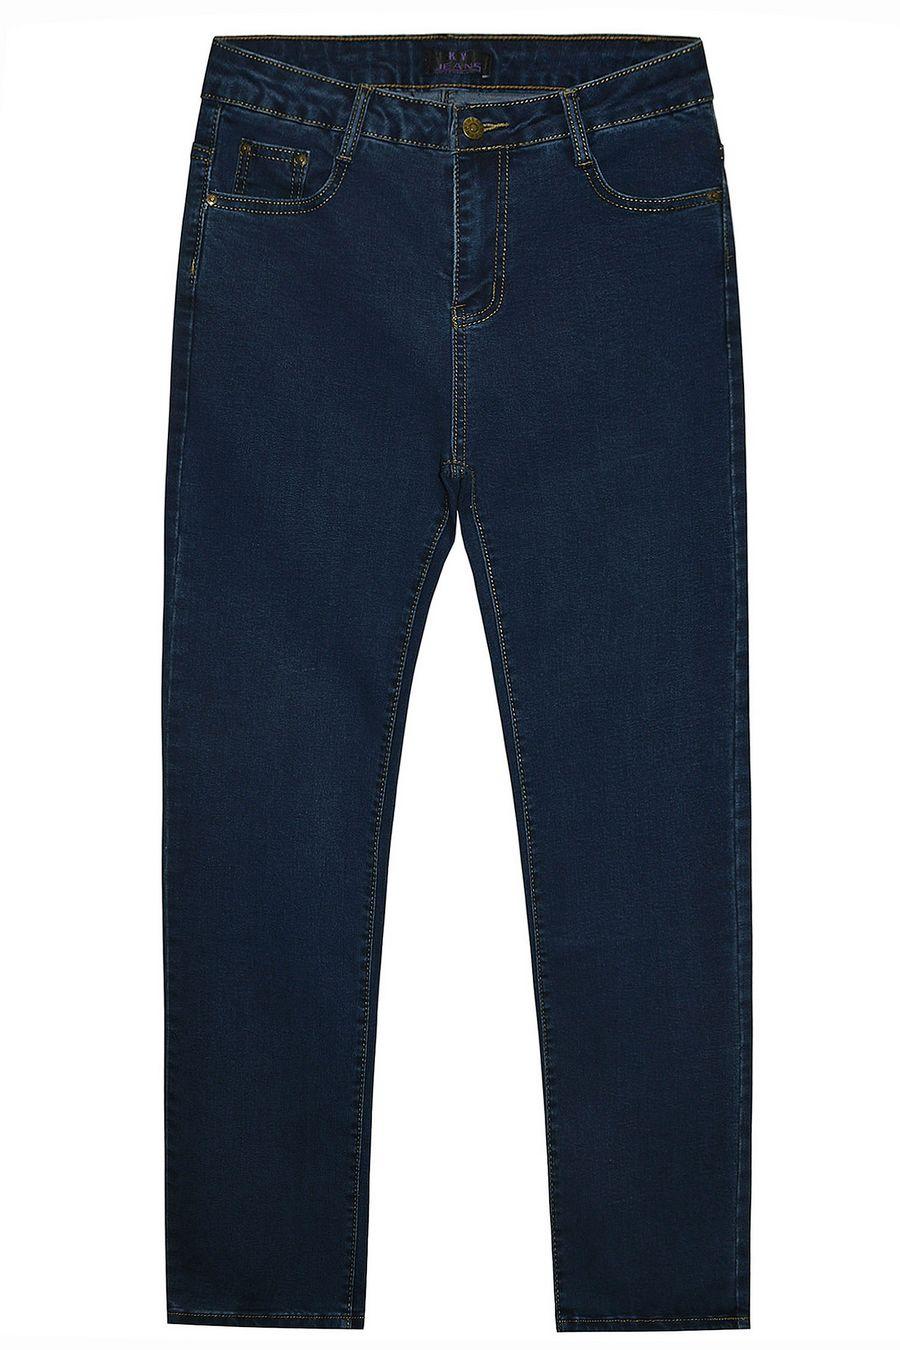 Джинсы женские K.Y Jeans L574 - фото 1